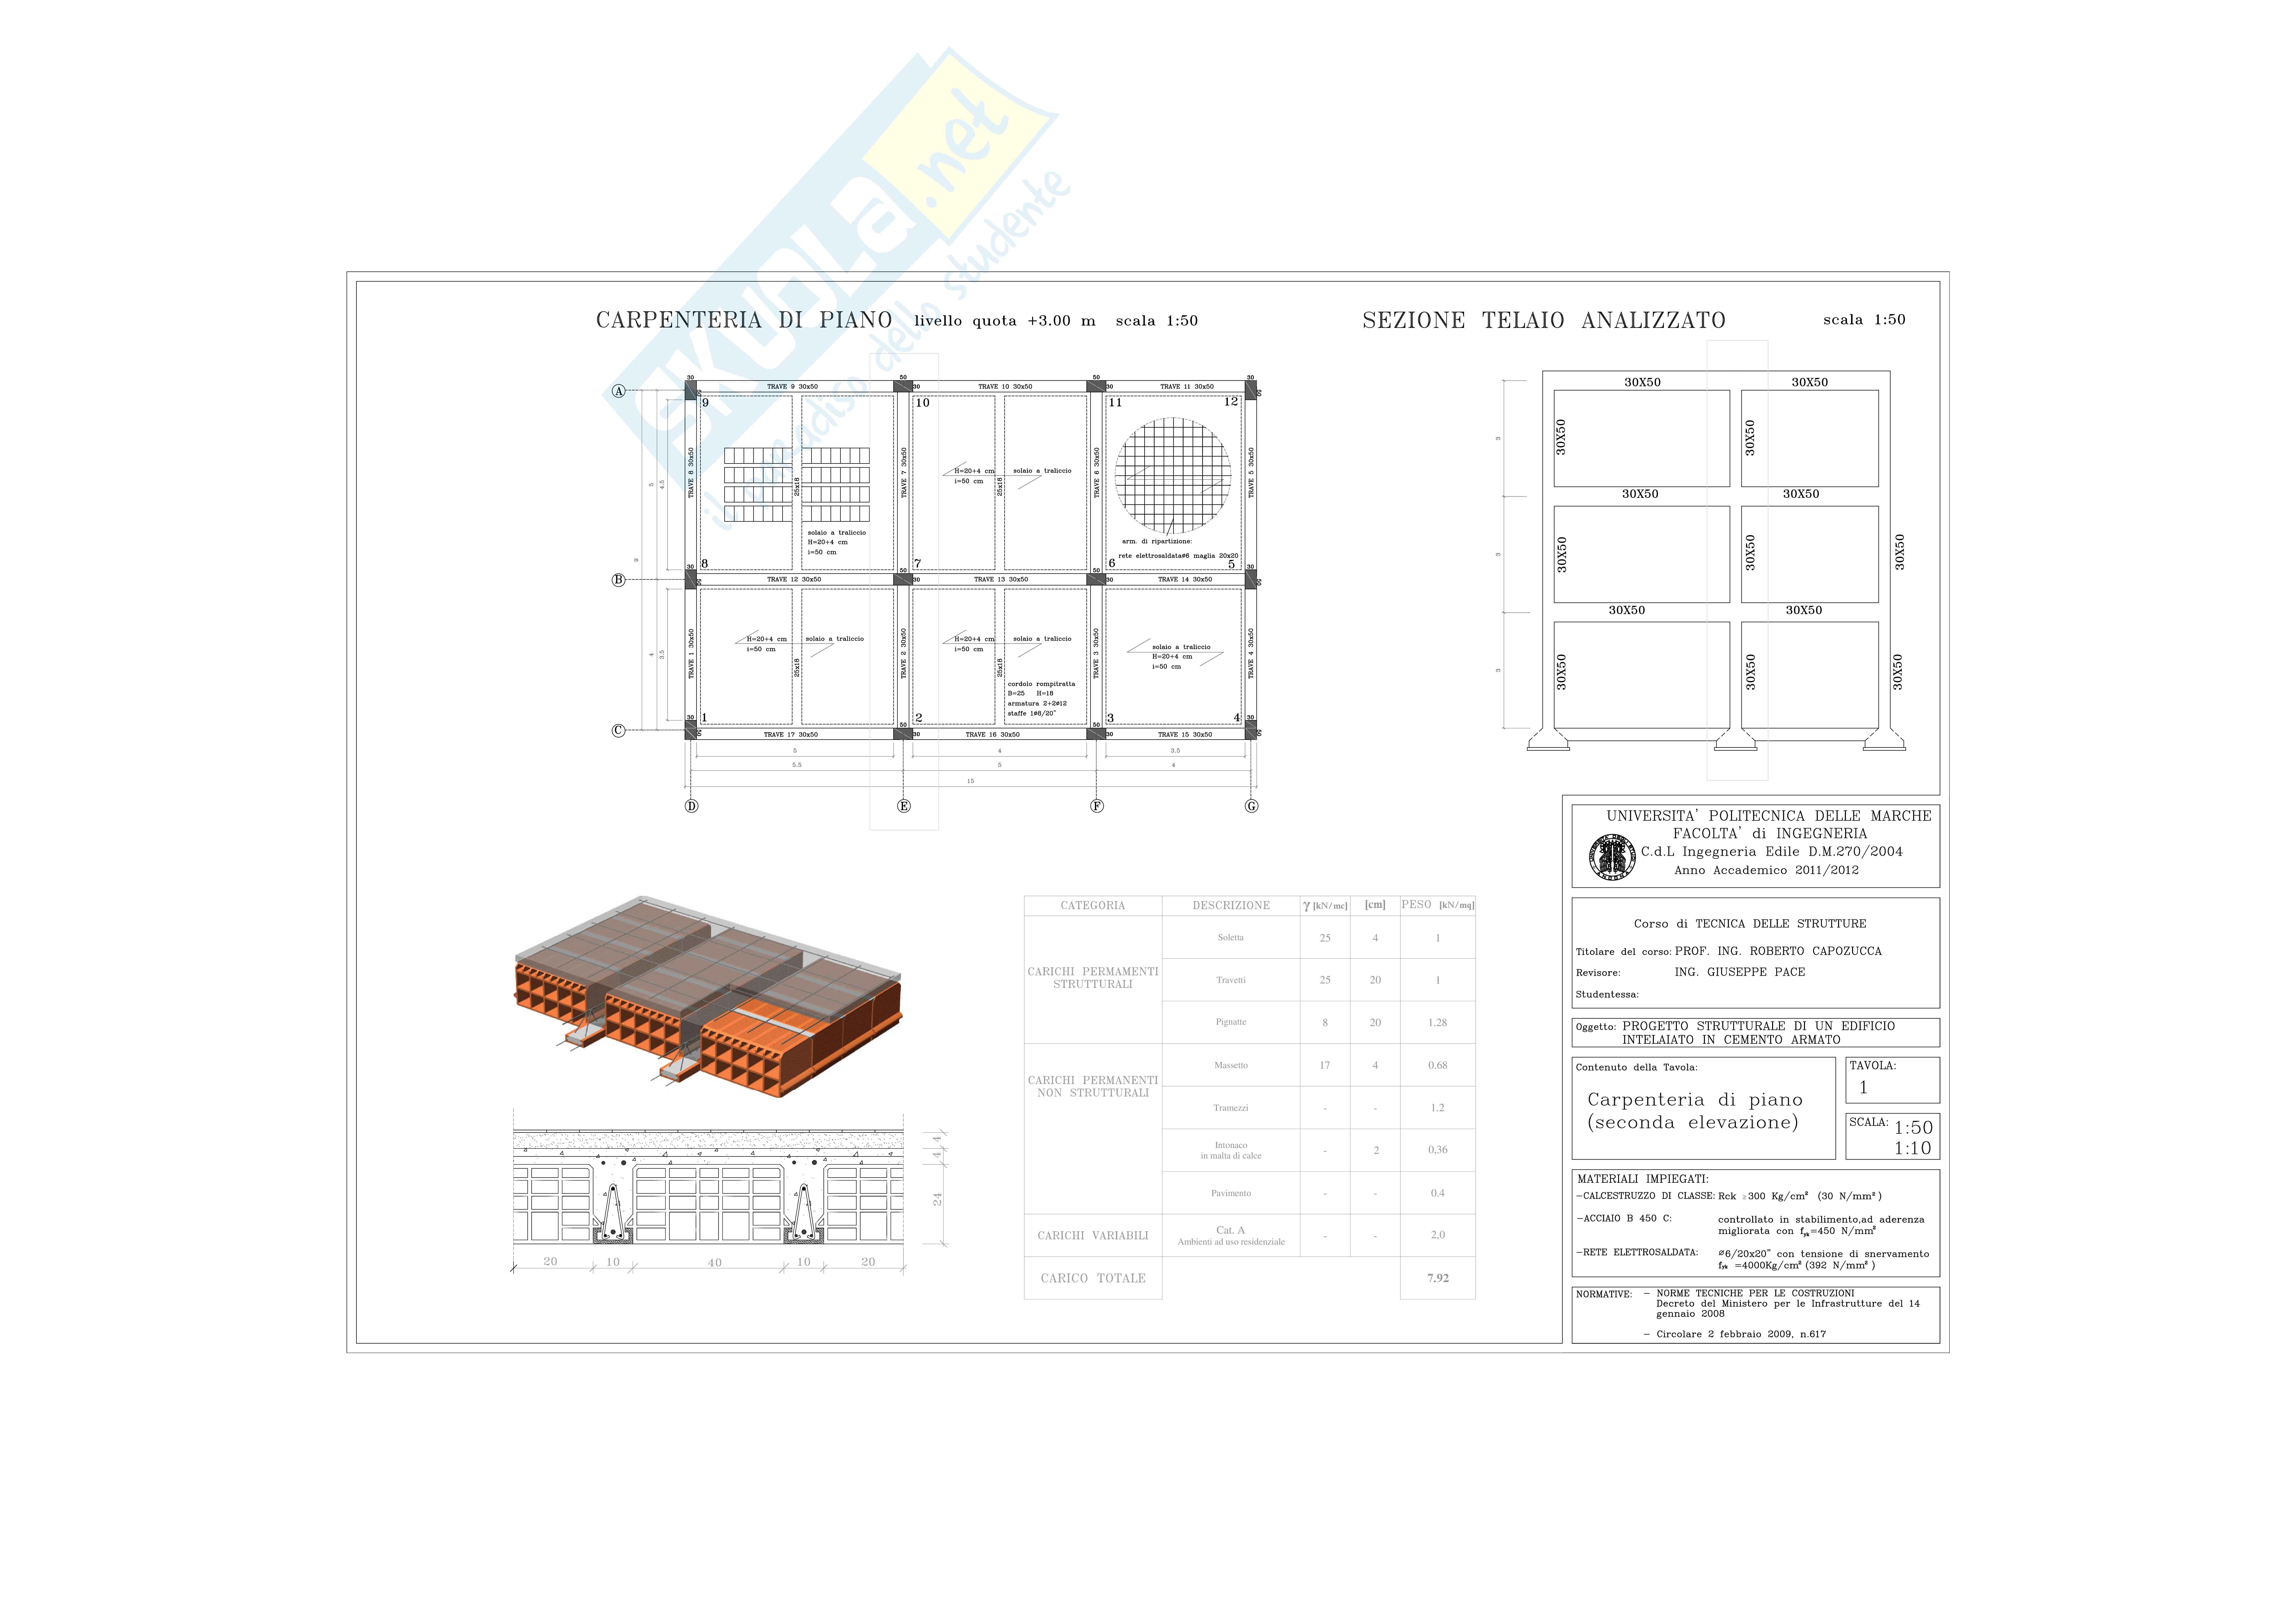 Tecnica delle strutture - tavole della carpenteria di piano, solaio, pilastrata e trave